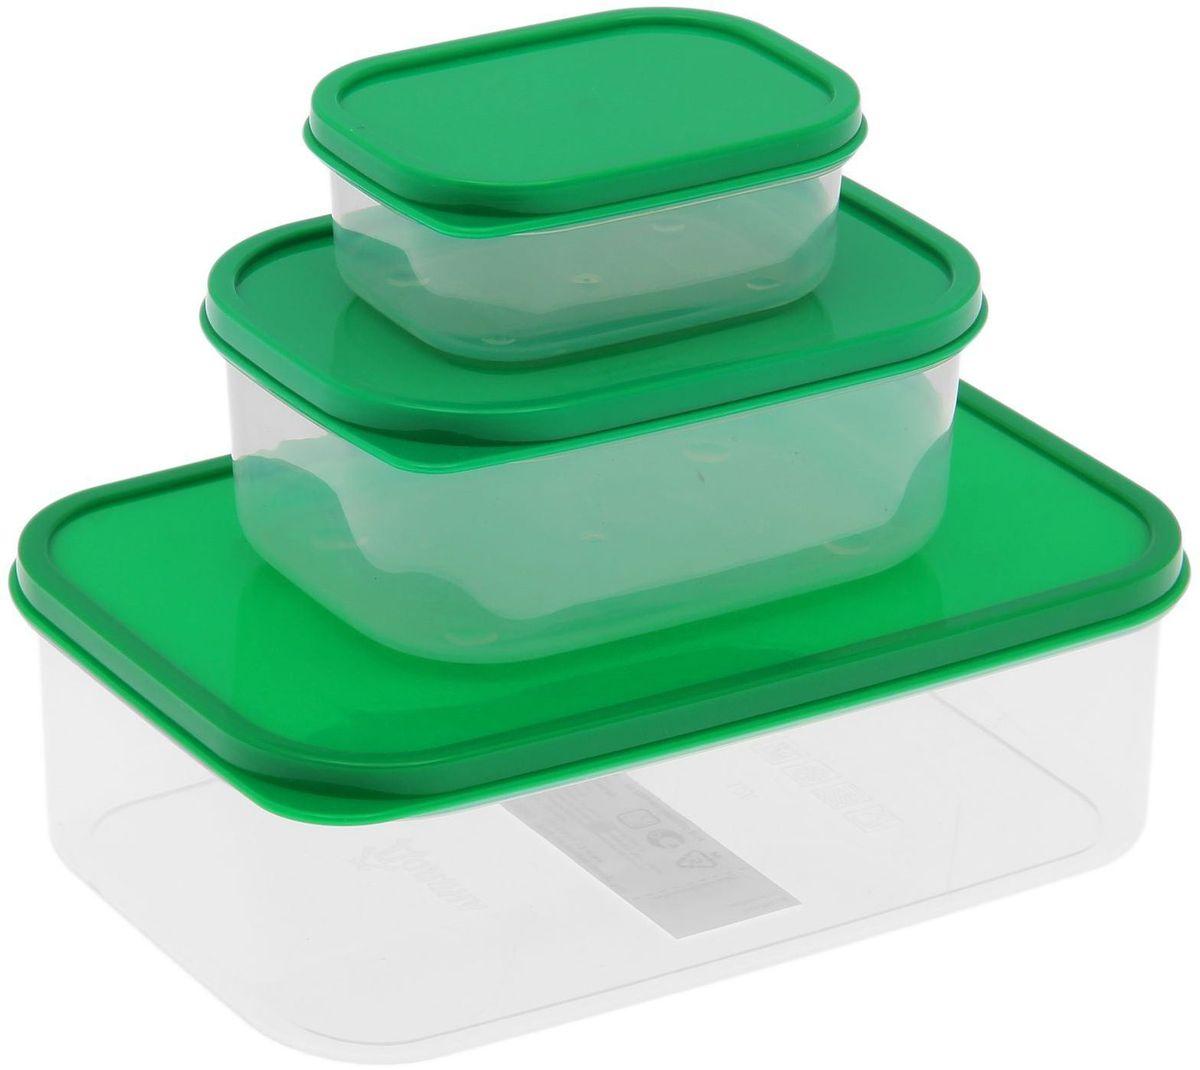 Набор пищевых контейнеров Доляна, цвет: зеленый, 3 шт1333885Если после вкусного обеда осталась еда, а насладиться трапезой хочется и на следующий день, ланч-бокс станет отличным решением данной проблемы!Такой контейнер является незаменимым предметом кухонной утвари, ведь у него много преимуществ:Простота ухода. Ланч-бокс достаточно промыть тёплой водой с небольшим количеством чистящего средства, и он снова готов к использованию.Вместительность. Большой выбор форм и объёма поможет разместить разнообразные продукты от сахара до супов.Эргономичность. Ланч-боксы очень легко хранить даже в самой маленькой кухне, так как их можно поставить один в другой по принципу матрёшки.Многофункциональность. Разнообразие цветов и форм делает возможным использование контейнеров не только на кухне, но и в других областях домашнего быта.Любители приготовления обеда на всю семью в большинстве случаев приобретают ланч-боксы наборами, так как это позволяет рассортировать продукты по всевозможным признакам. К тому же контейнеры среднего размера станут незаменимыми помощниками на работе: ведь что может быть приятнее, чем порадовать себя во время обеда прекрасной едой, заботливо сохранённой в контейнере?В качестве материала для изготовления используется пластик, что делает процесс ухода за контейнером ещё более эффективным. К каждому ланч-боксу в комплекте также прилагается крышка подходящего размера, это позволяет плотно и надёжно удерживать запах еды и упрощает процесс транспортировки.Однако рекомендуется соблюдать и меры предосторожности: не использовать пластиковые контейнеры в духовых шкафах и на открытом огне, а также не разогревать в микроволновых печах при закрытой крышке ланч-бокса. Соблюдение мер безопасности позволит продлить срок эксплуатации и сохранить отличный внешний вид изделия.Эргономичный дизайн и многофункциональность таких контейнеров — вот, что является причиной большой популярности данного предмета у каждой хозяйки. А в преддверии лета и дачного сезона такое приобретени